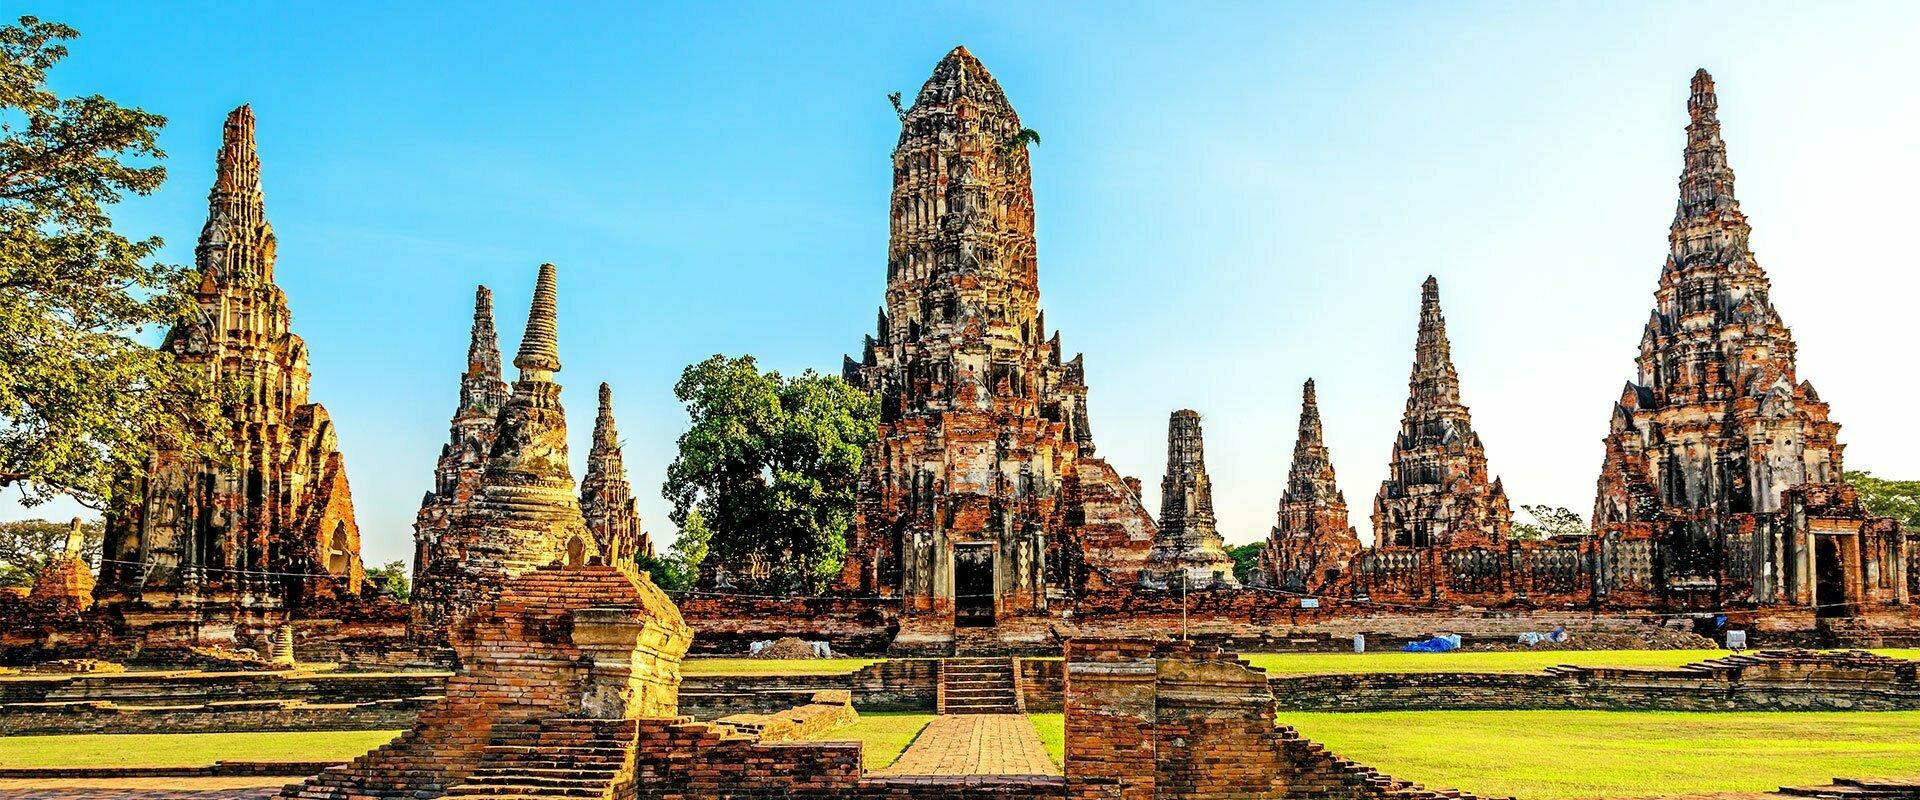 Circuit en Thailande - Attractions de la Thailande